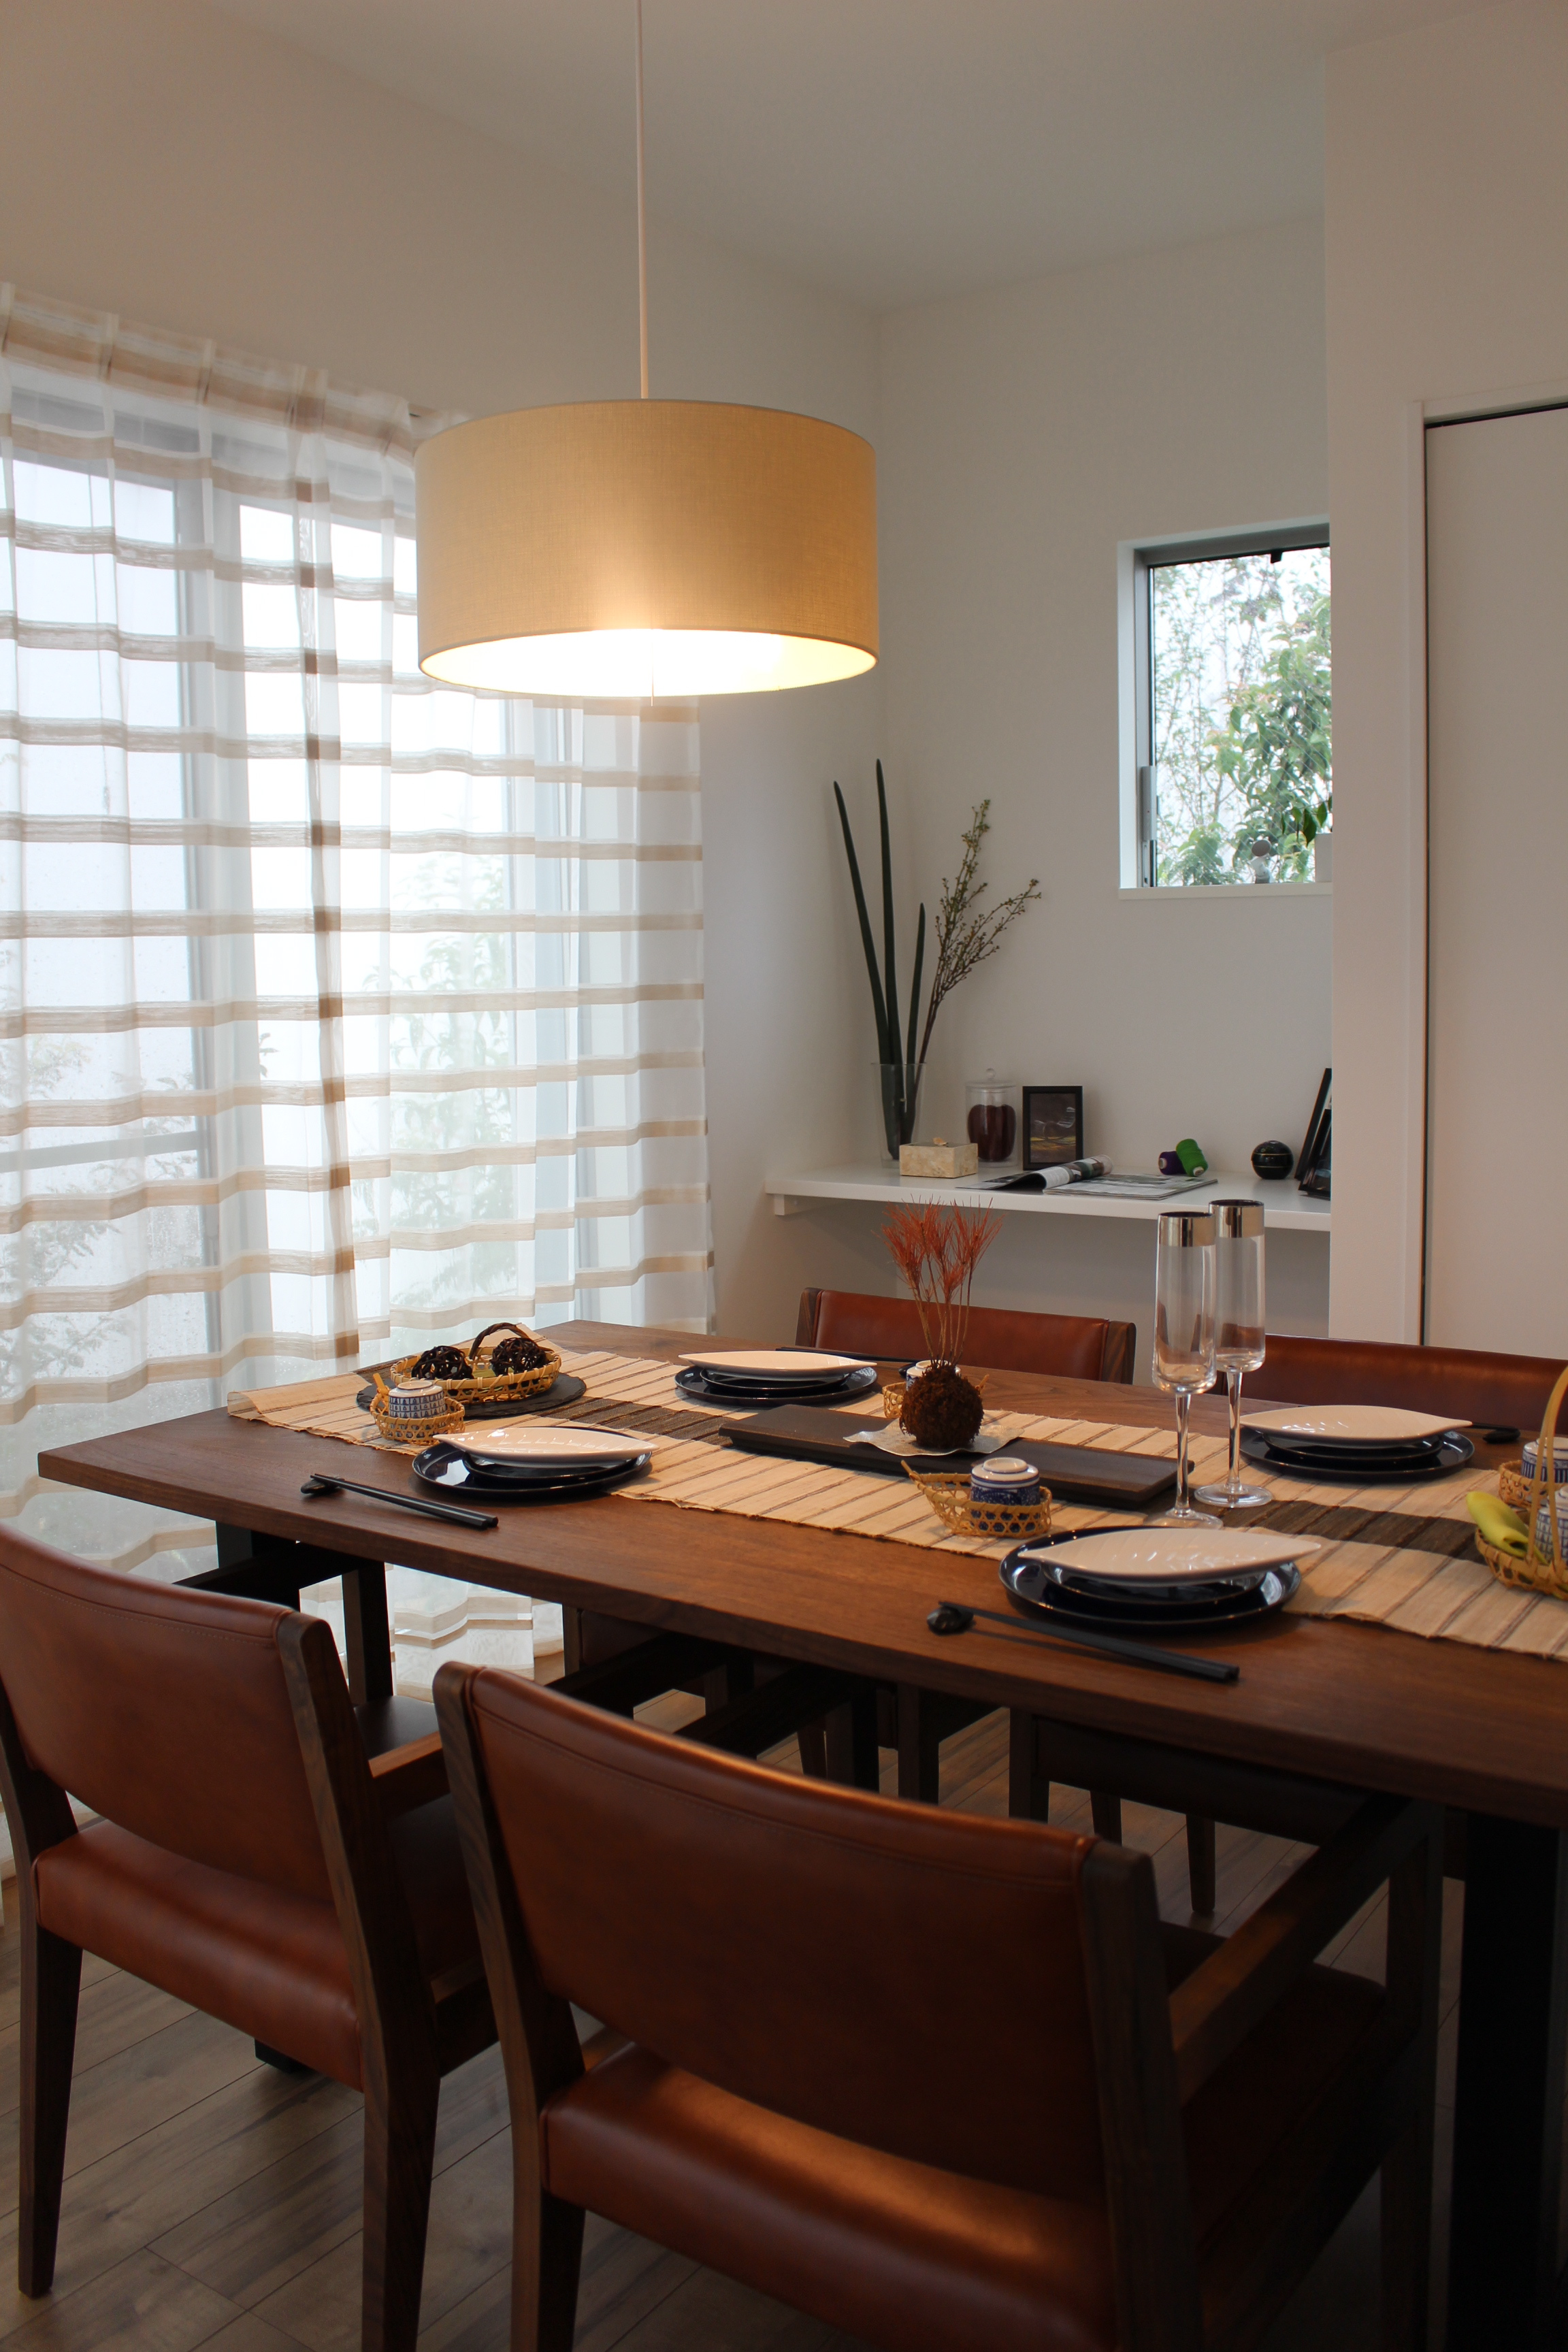 ウォールナット無垢のテーブルにウォールナット無垢のフレームと本革のダイニングチェアを合わせた